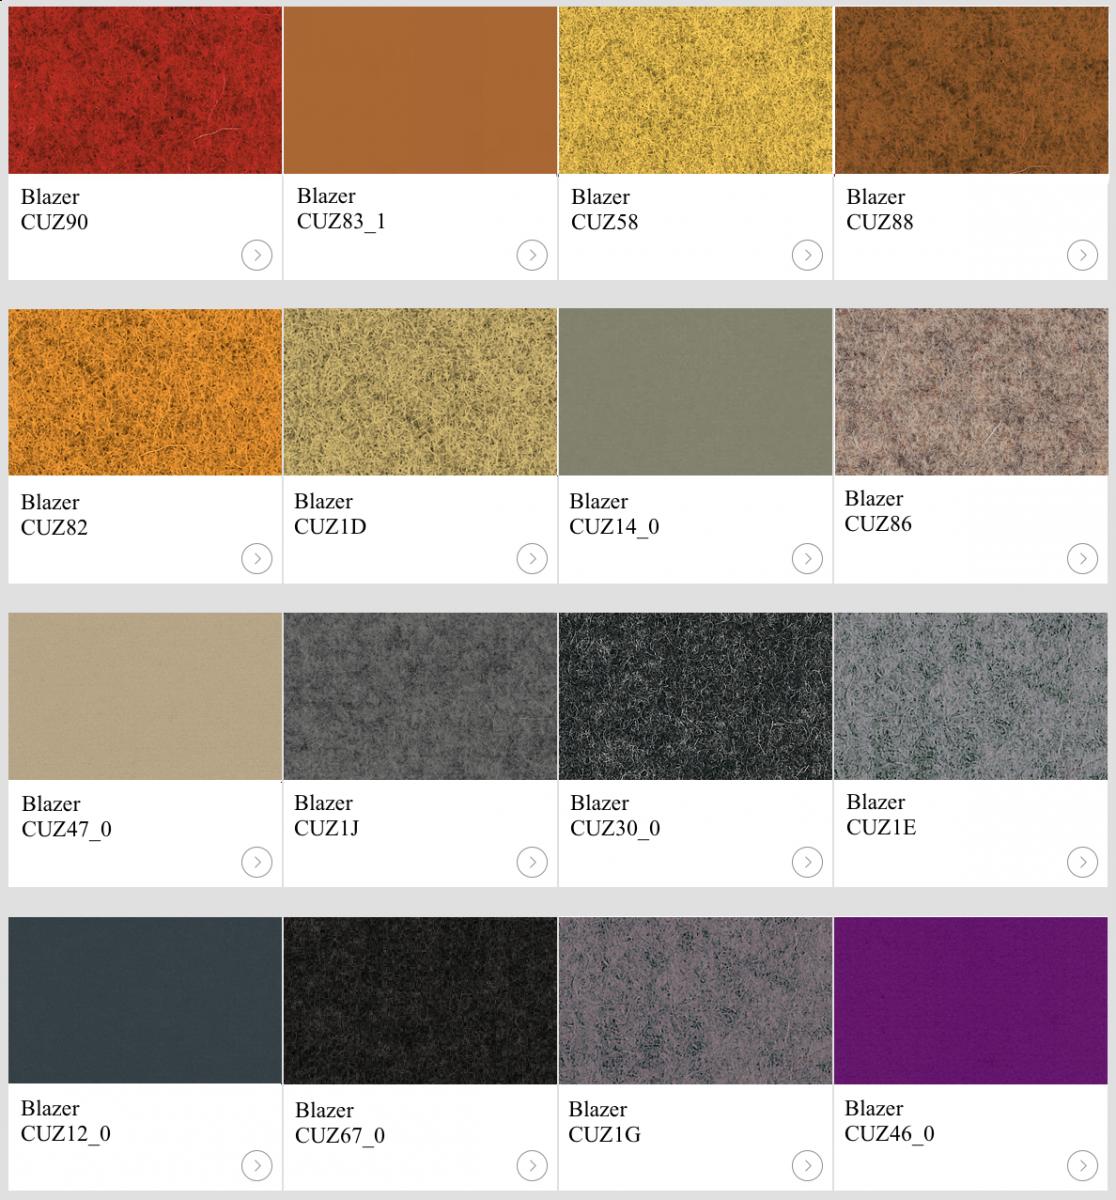 Textil Blazer II kulörer till skärmväggar